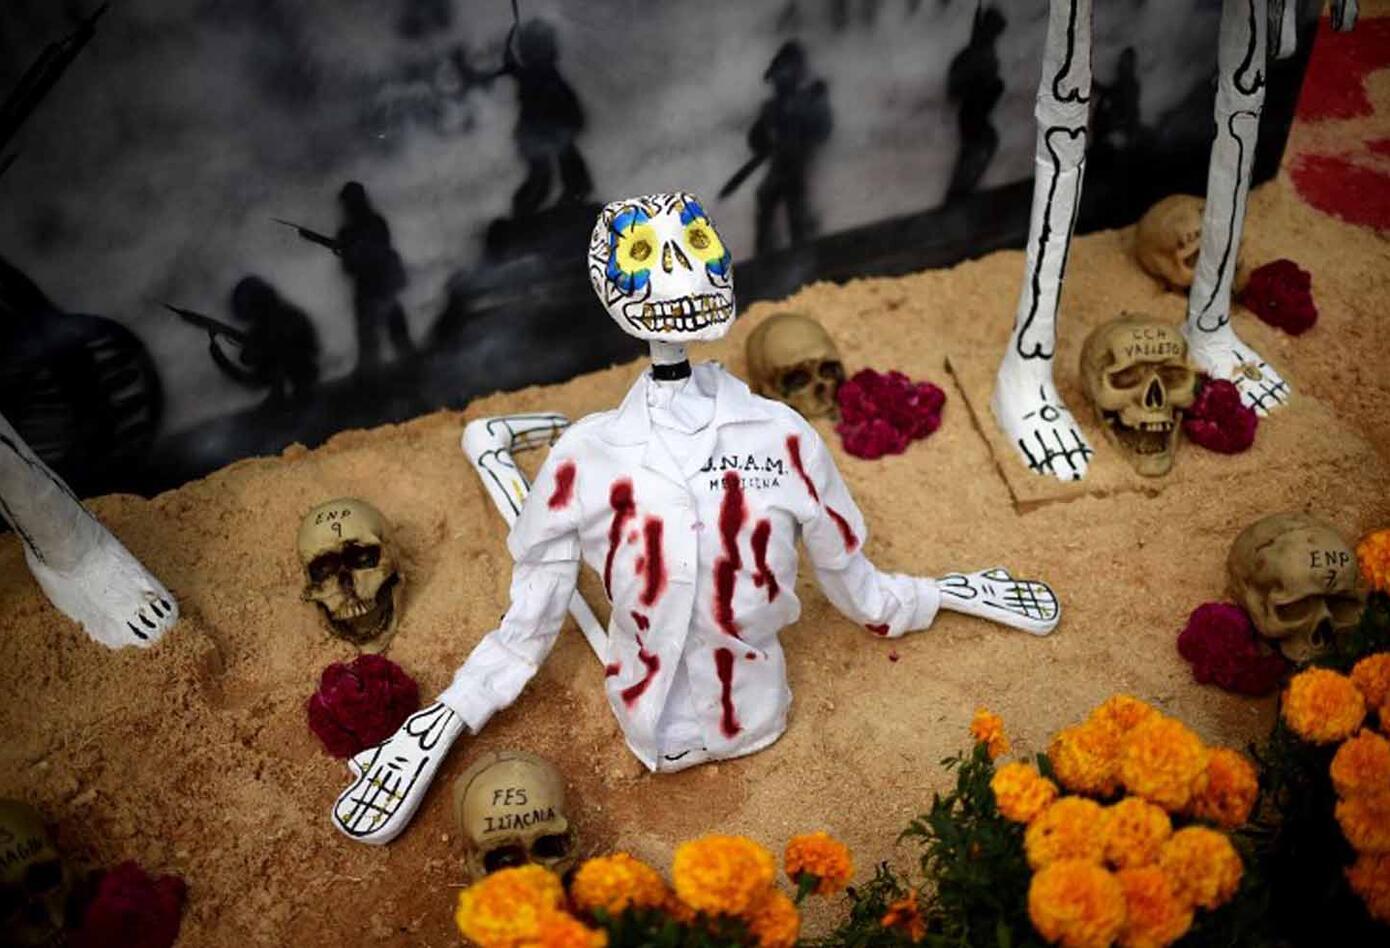 Durante esta celebración es indispensable visitar cementerios y lugares santos, ya sea de día o de noche para colocar velas sobre las tumbas. Esto se realiza para iluminar el camino de las almas en su regreso a casa.